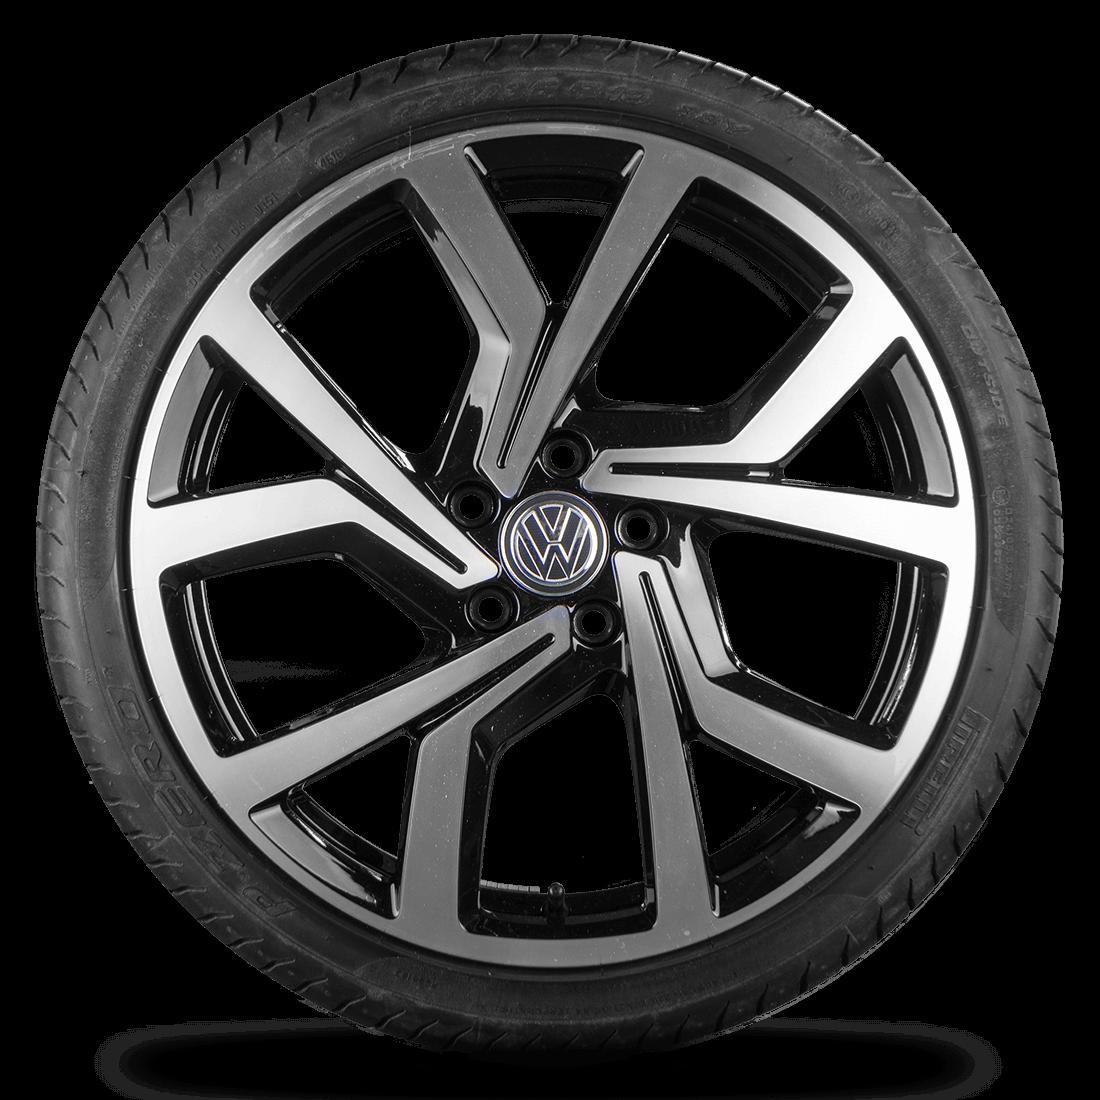 VW Golf 6 7 GTI GTD 19 Zoll Alufelgen Felgen Sommerreifen R line Brescia